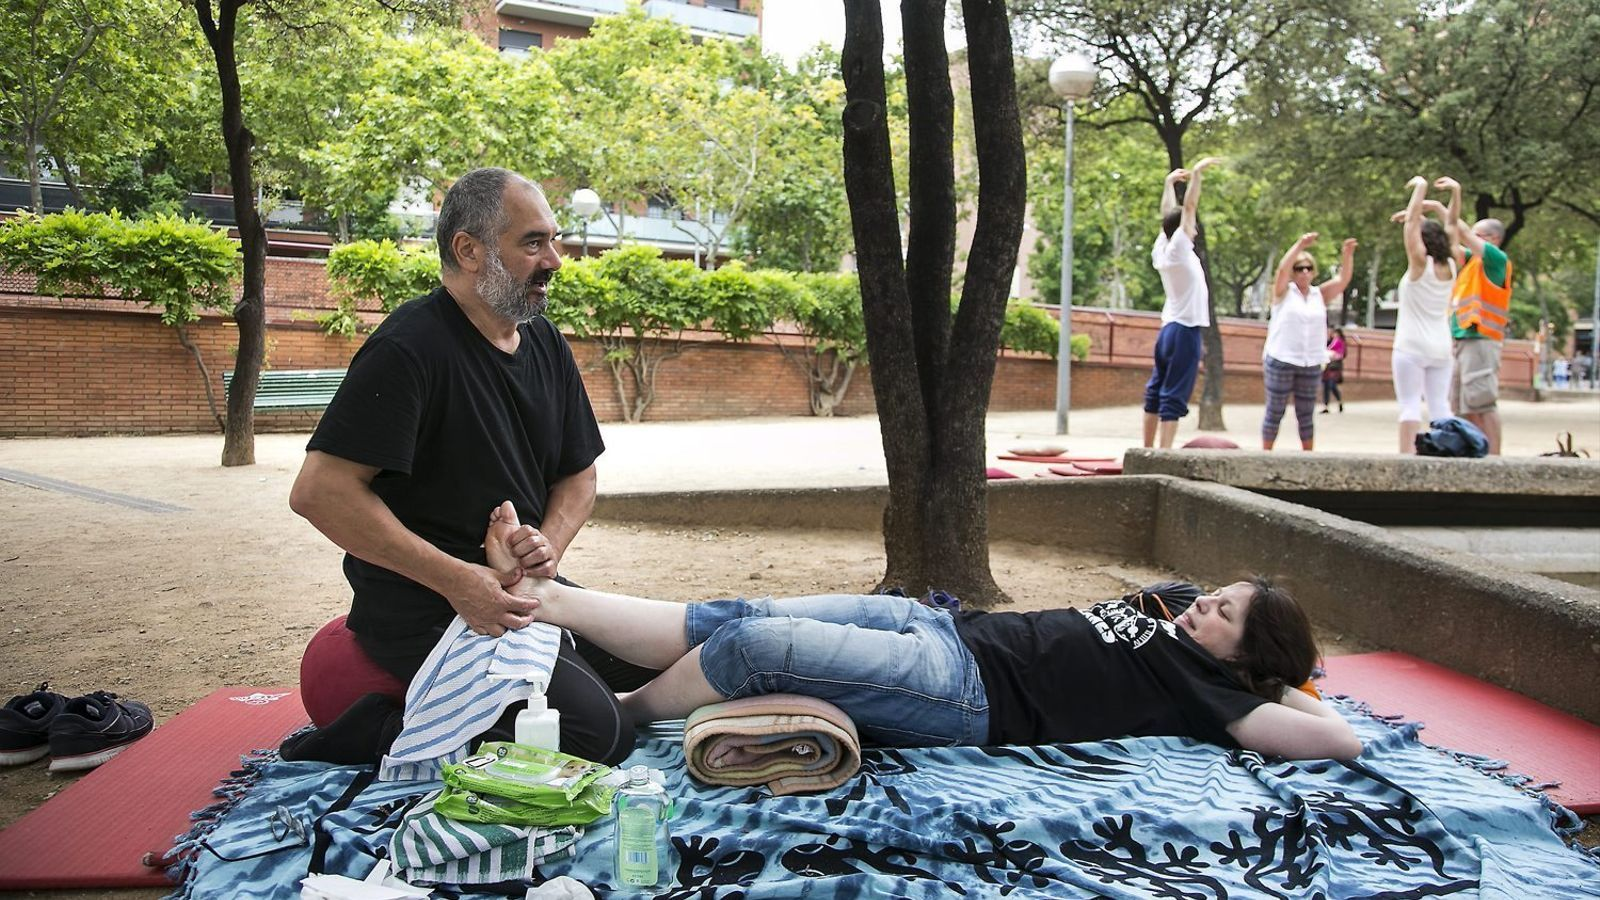 Un usuari del Banc del Temps de Barcelona ofereix massatges a la resta d'usuaris ahir a la Plaça Sóller.